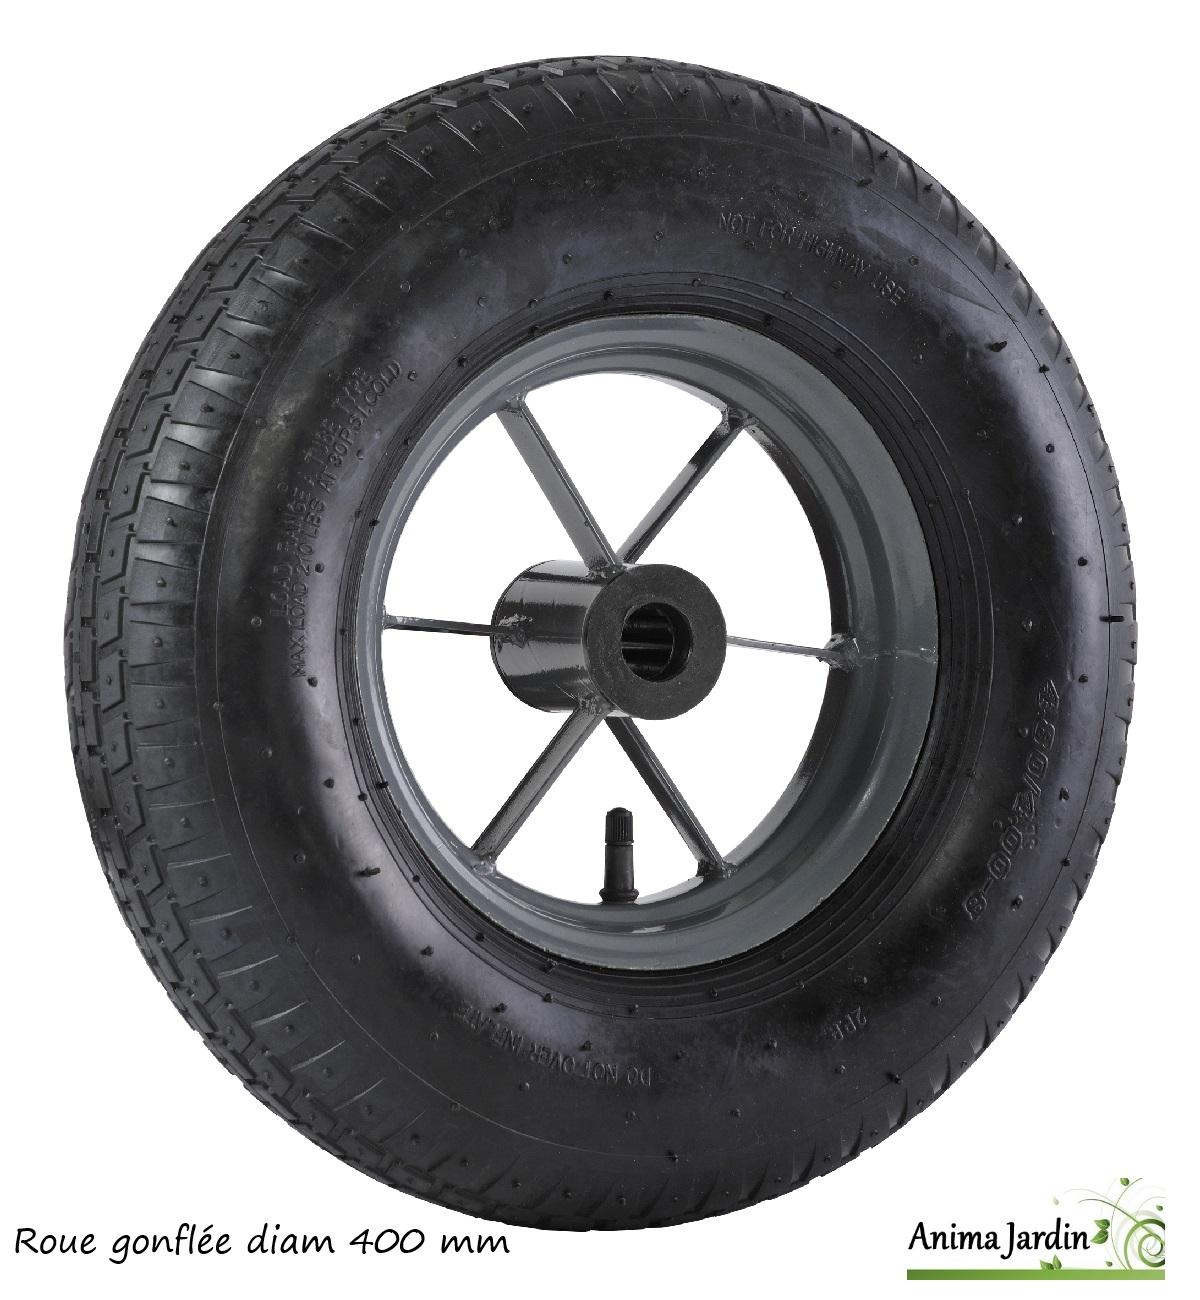 roue de brouette gonfl e 400 mm roue de rechange achat vente. Black Bedroom Furniture Sets. Home Design Ideas